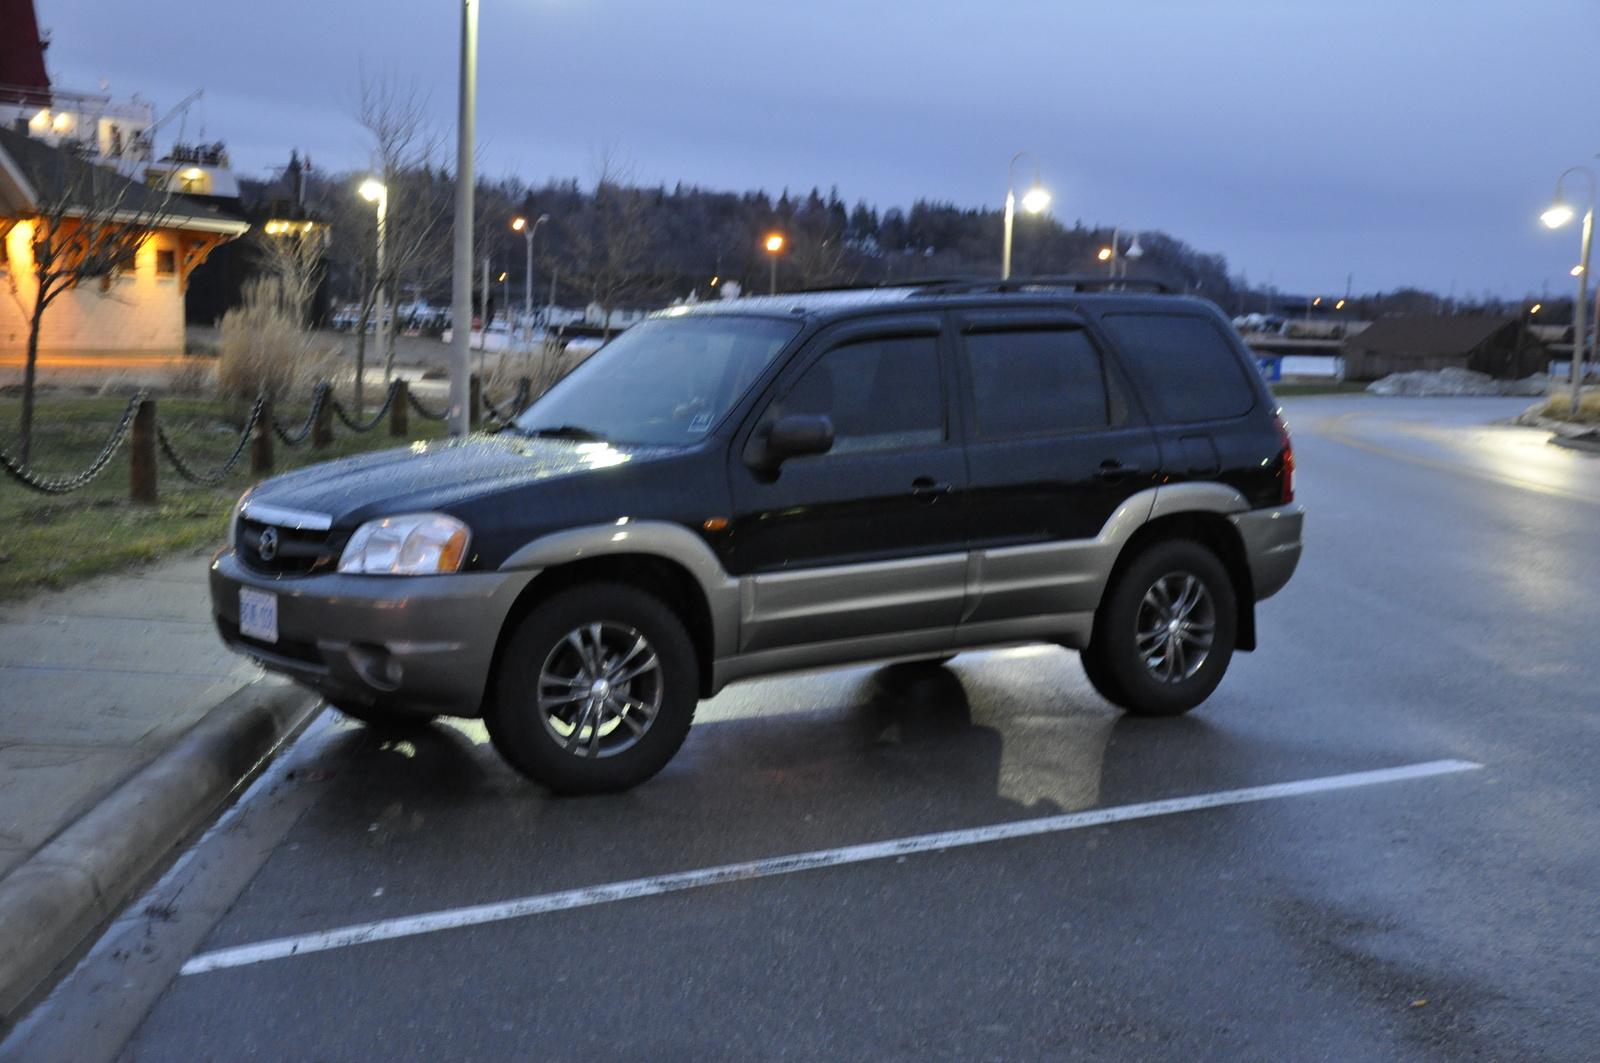 2003 Mazda Tribute LX V6 4WD - Pictures - 2003 Mazda Tribute LX V6 4WD ...